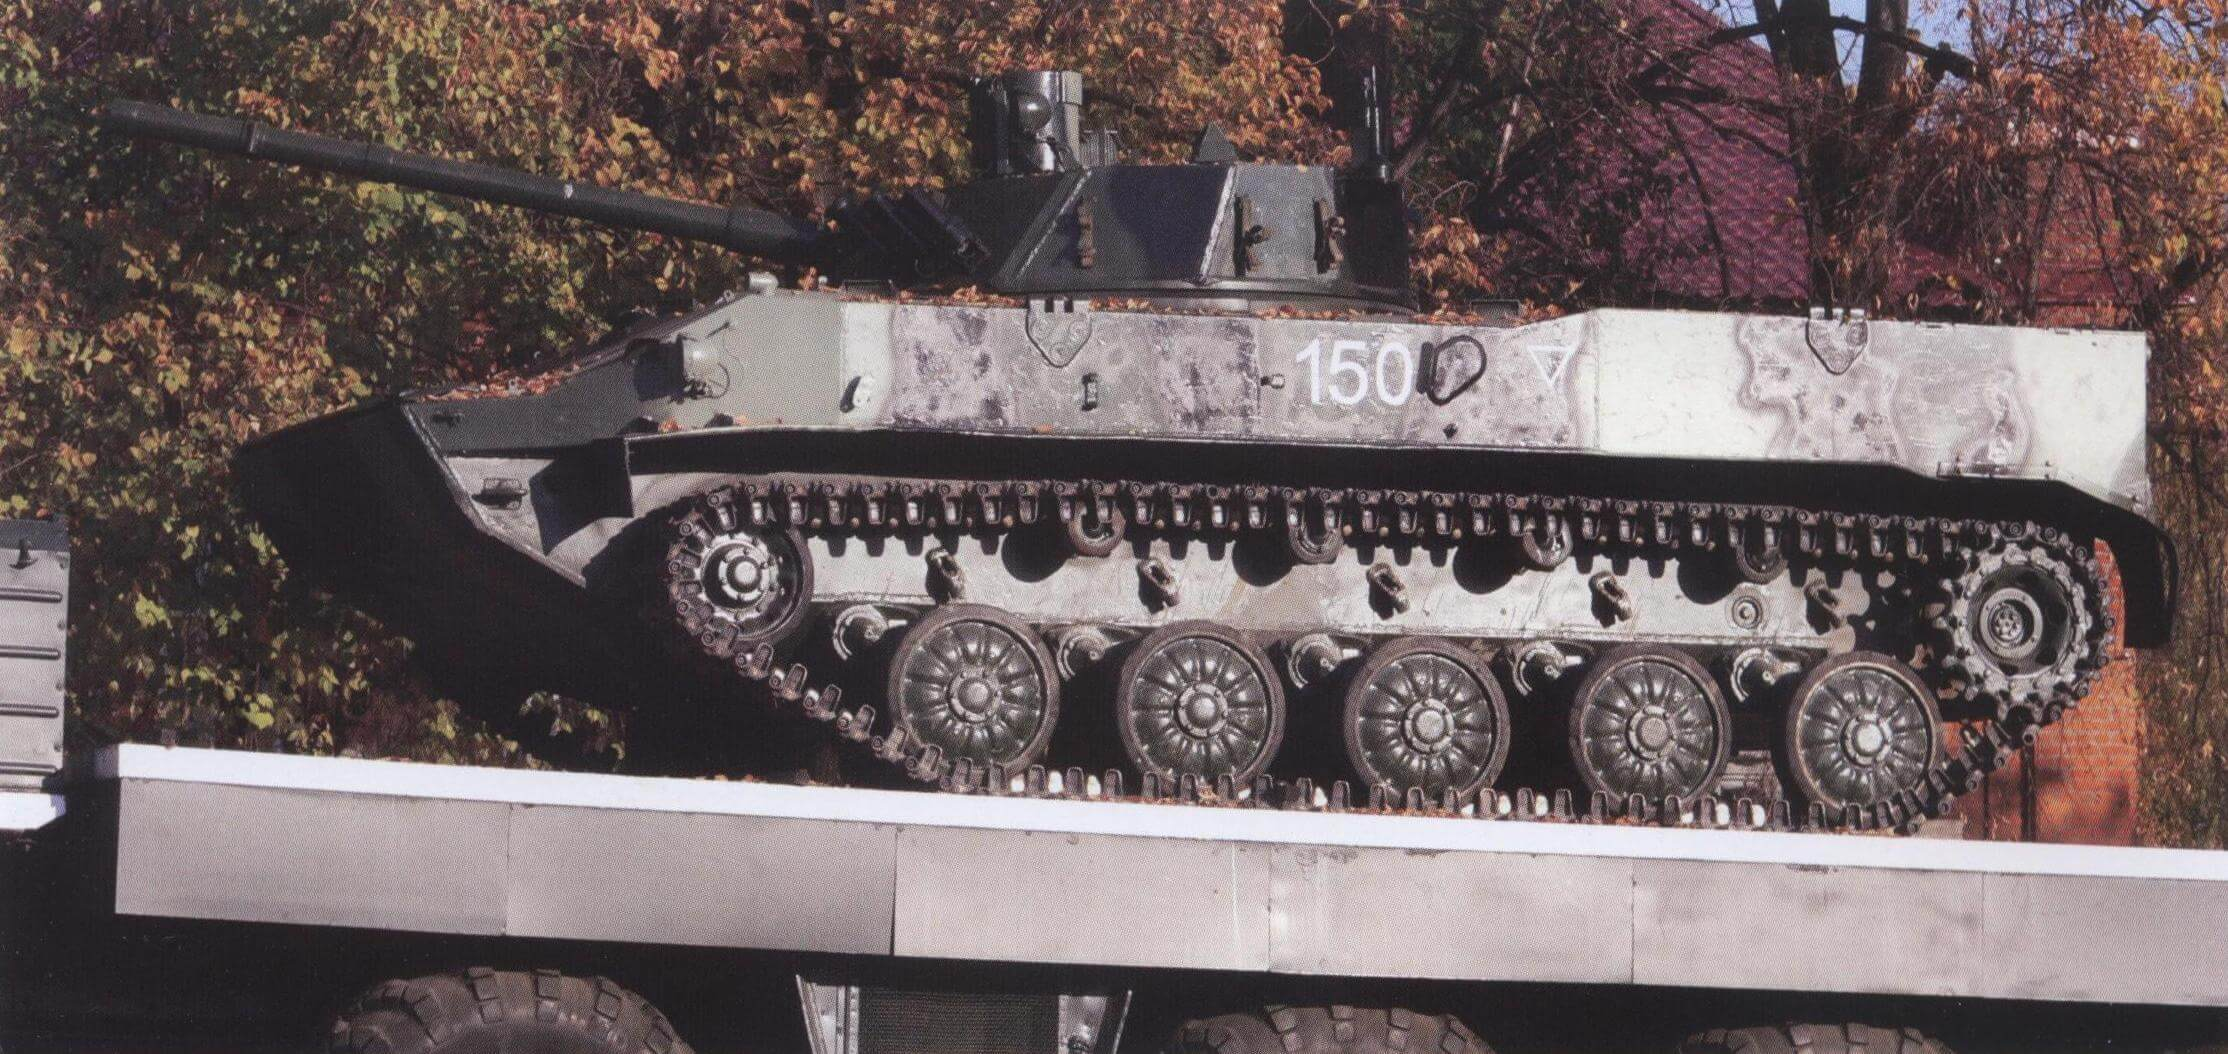 БМД-4 на грузовой платформе автомобиля МАЗ-547 (вверху) и командно-штабная машина Р-145БМ (внизу) на вечной стоянке Рязанского высшего командного училища связи